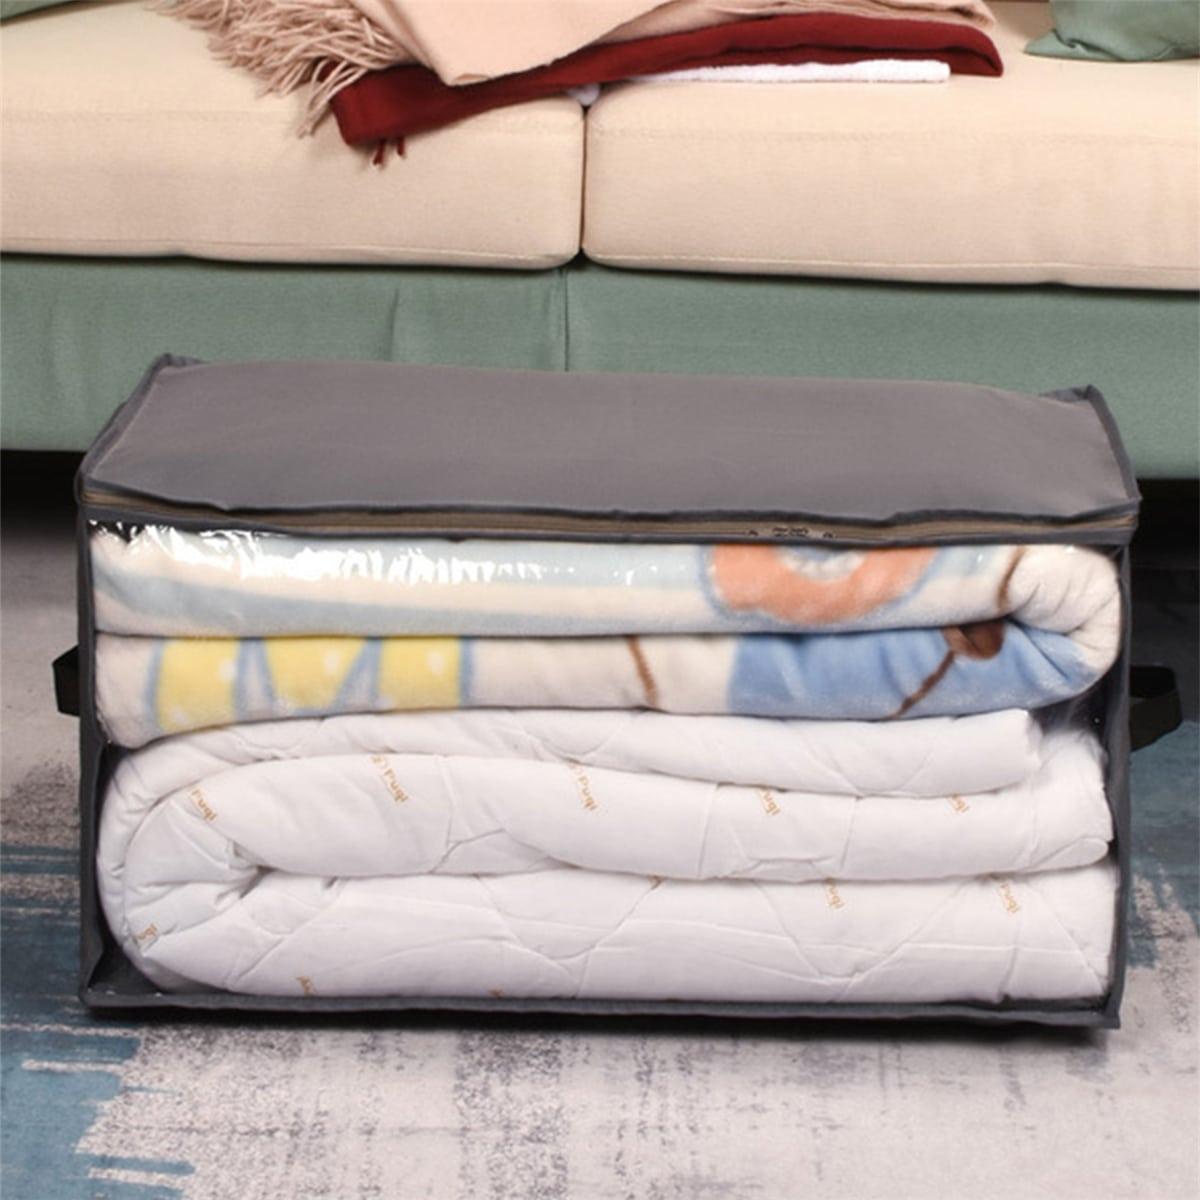 Многофункциональная сумка для хранения одежды 1шт